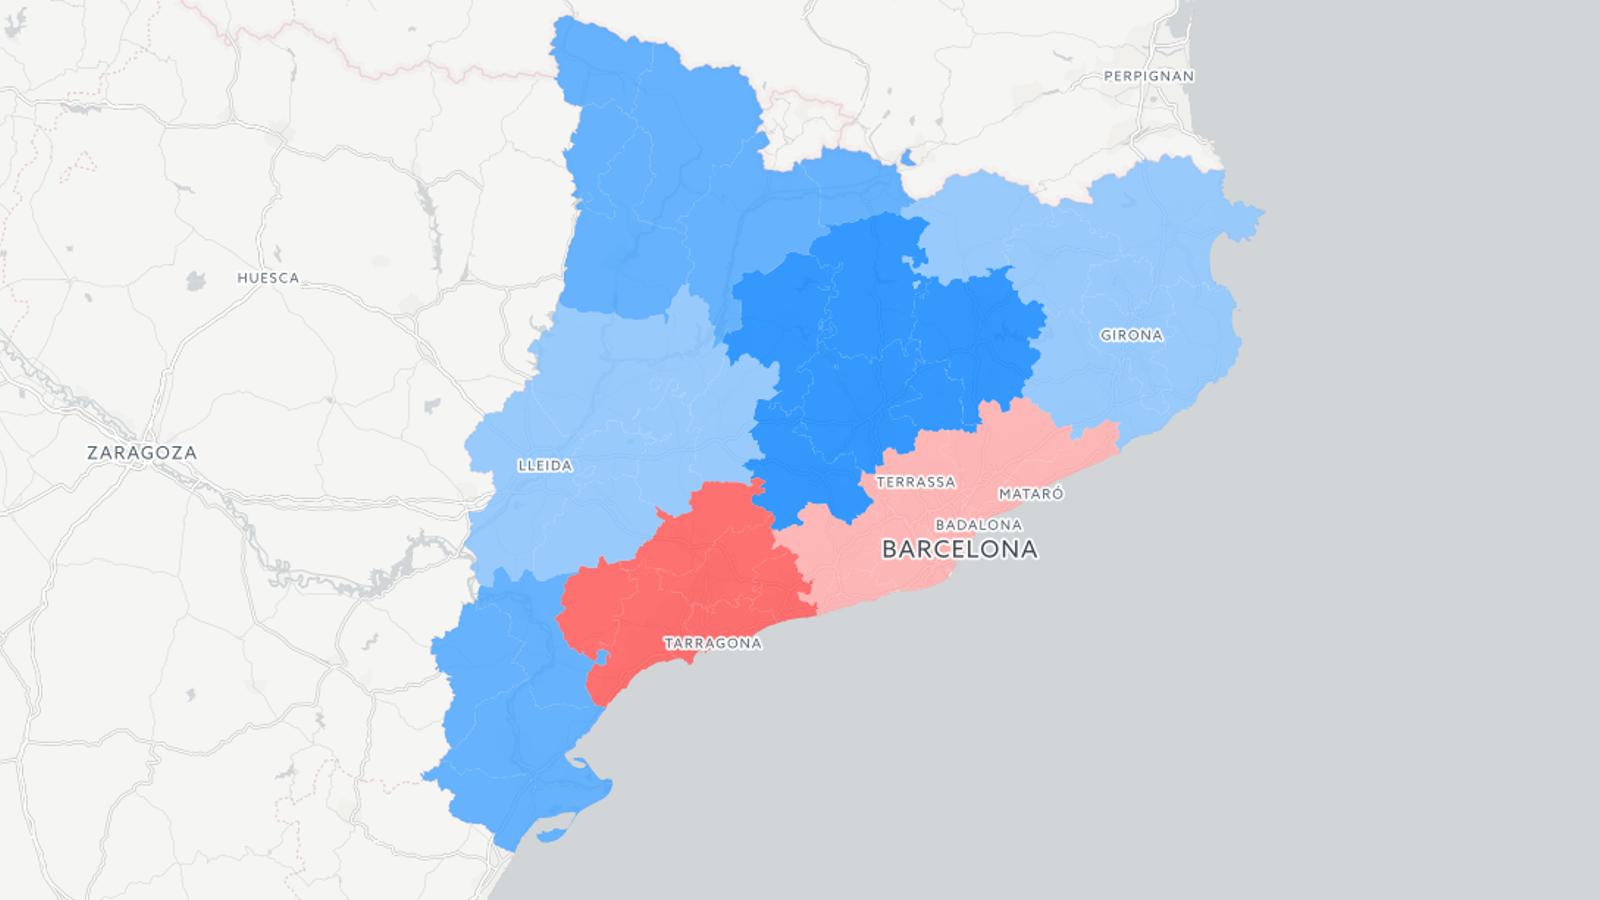 Més vots a la Catalunya Central i menys a Tarragona i Barcelona: mapes dels resultats de l'1-O al territori